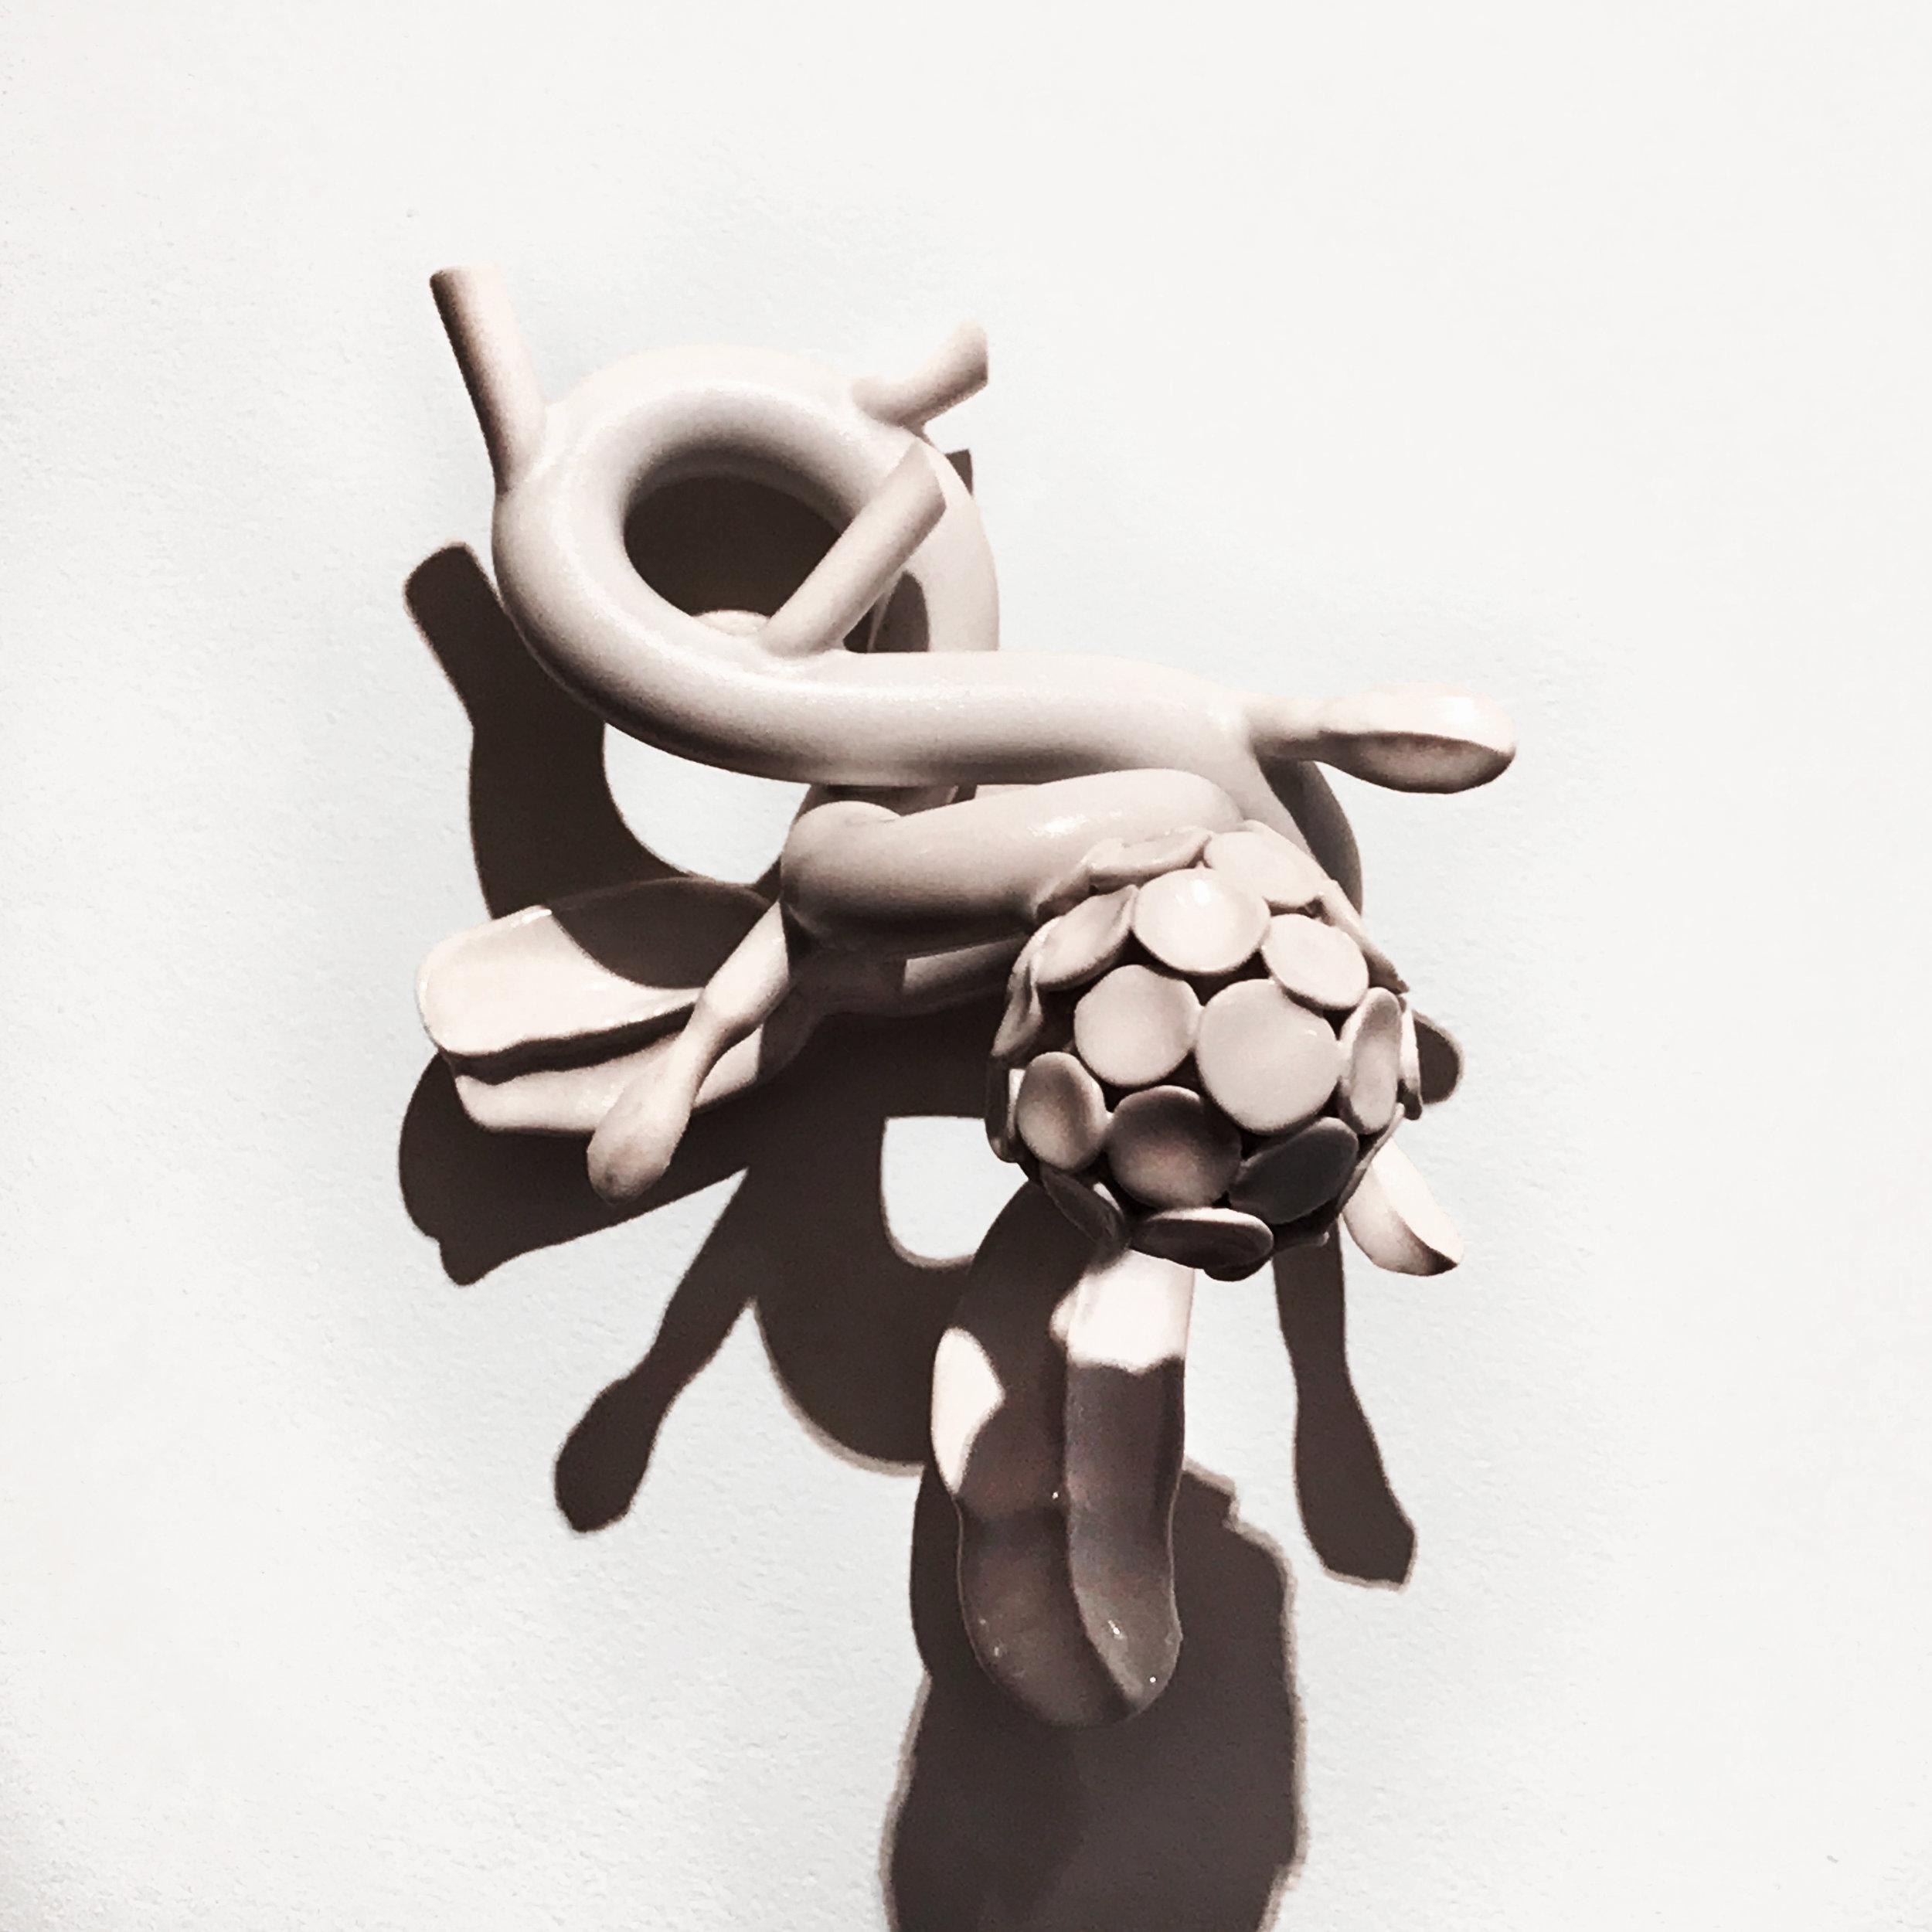 sculpture31.jpg